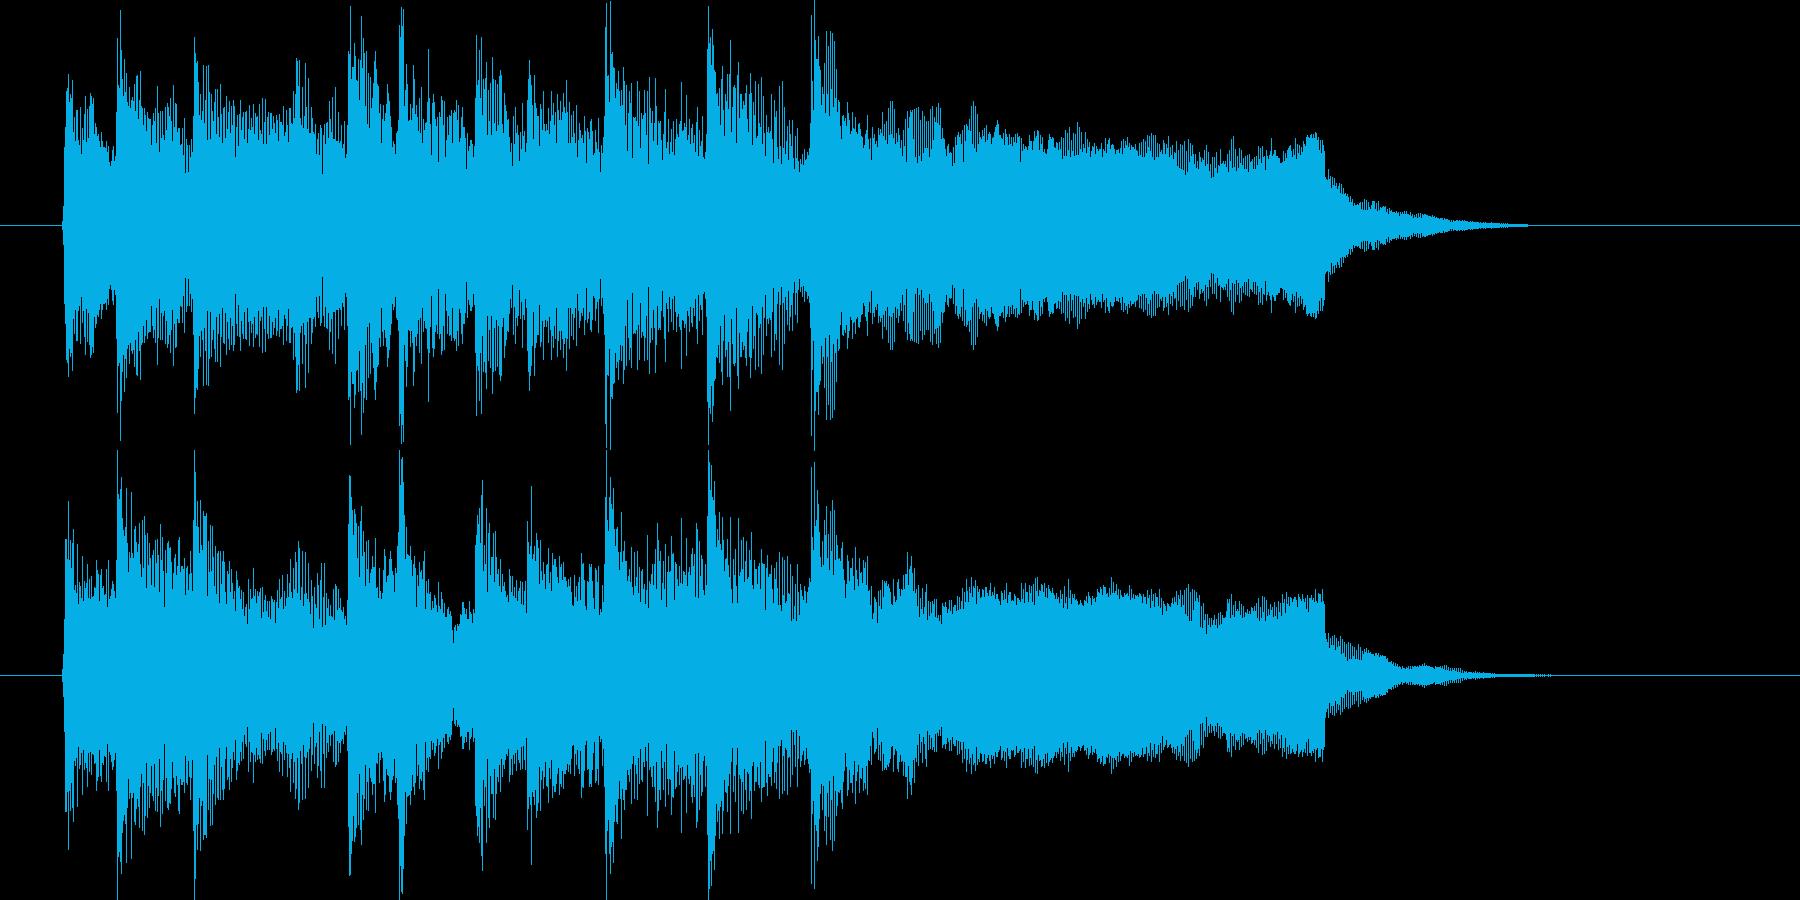 メロディアスで優しいピアノジングルの再生済みの波形